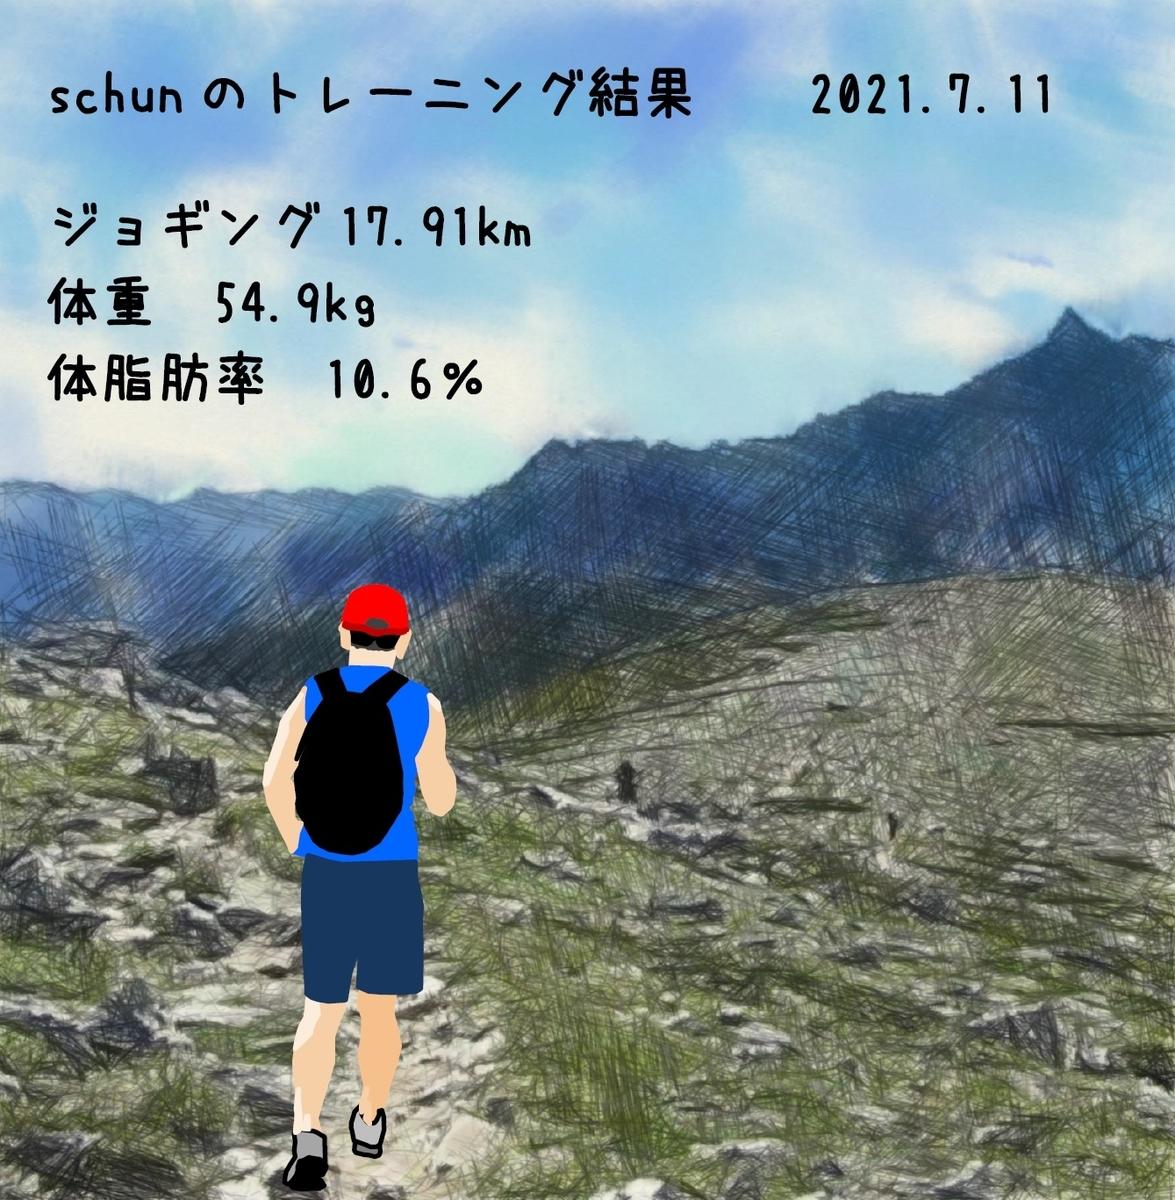 f:id:schunchi2007:20210711182333j:plain